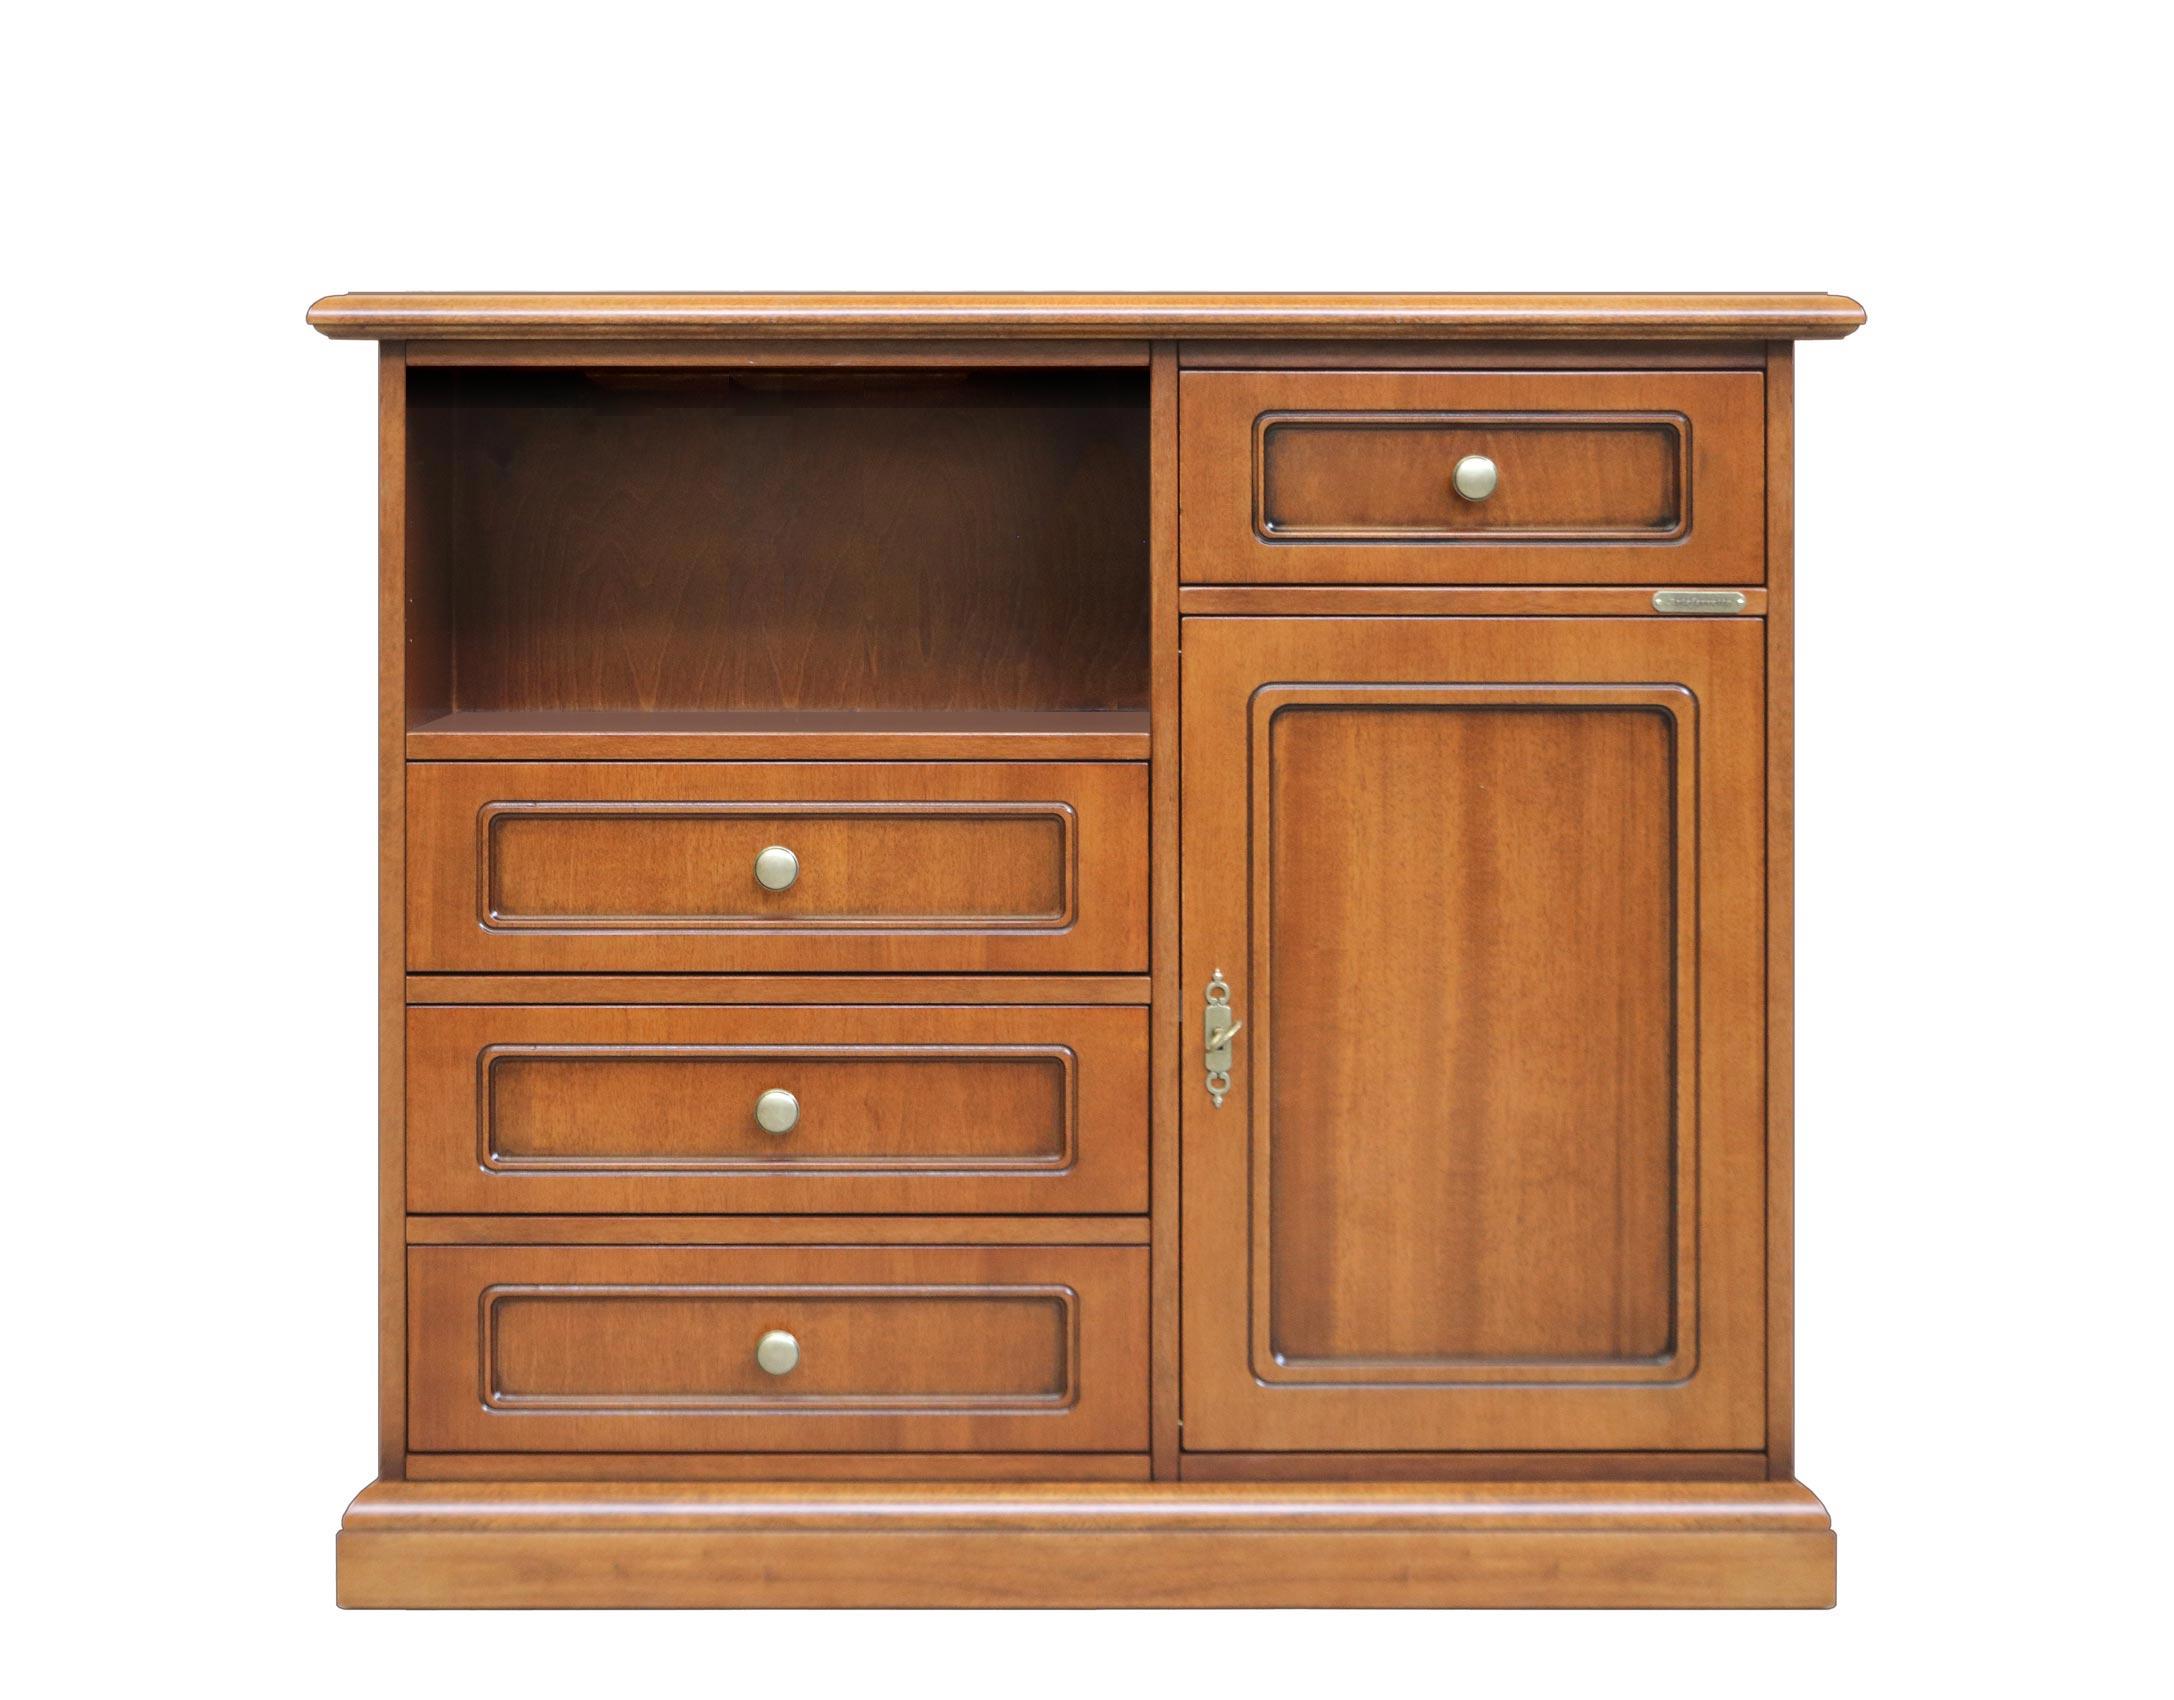 Mueble de TV - madera - 4 cajones 1 puerta